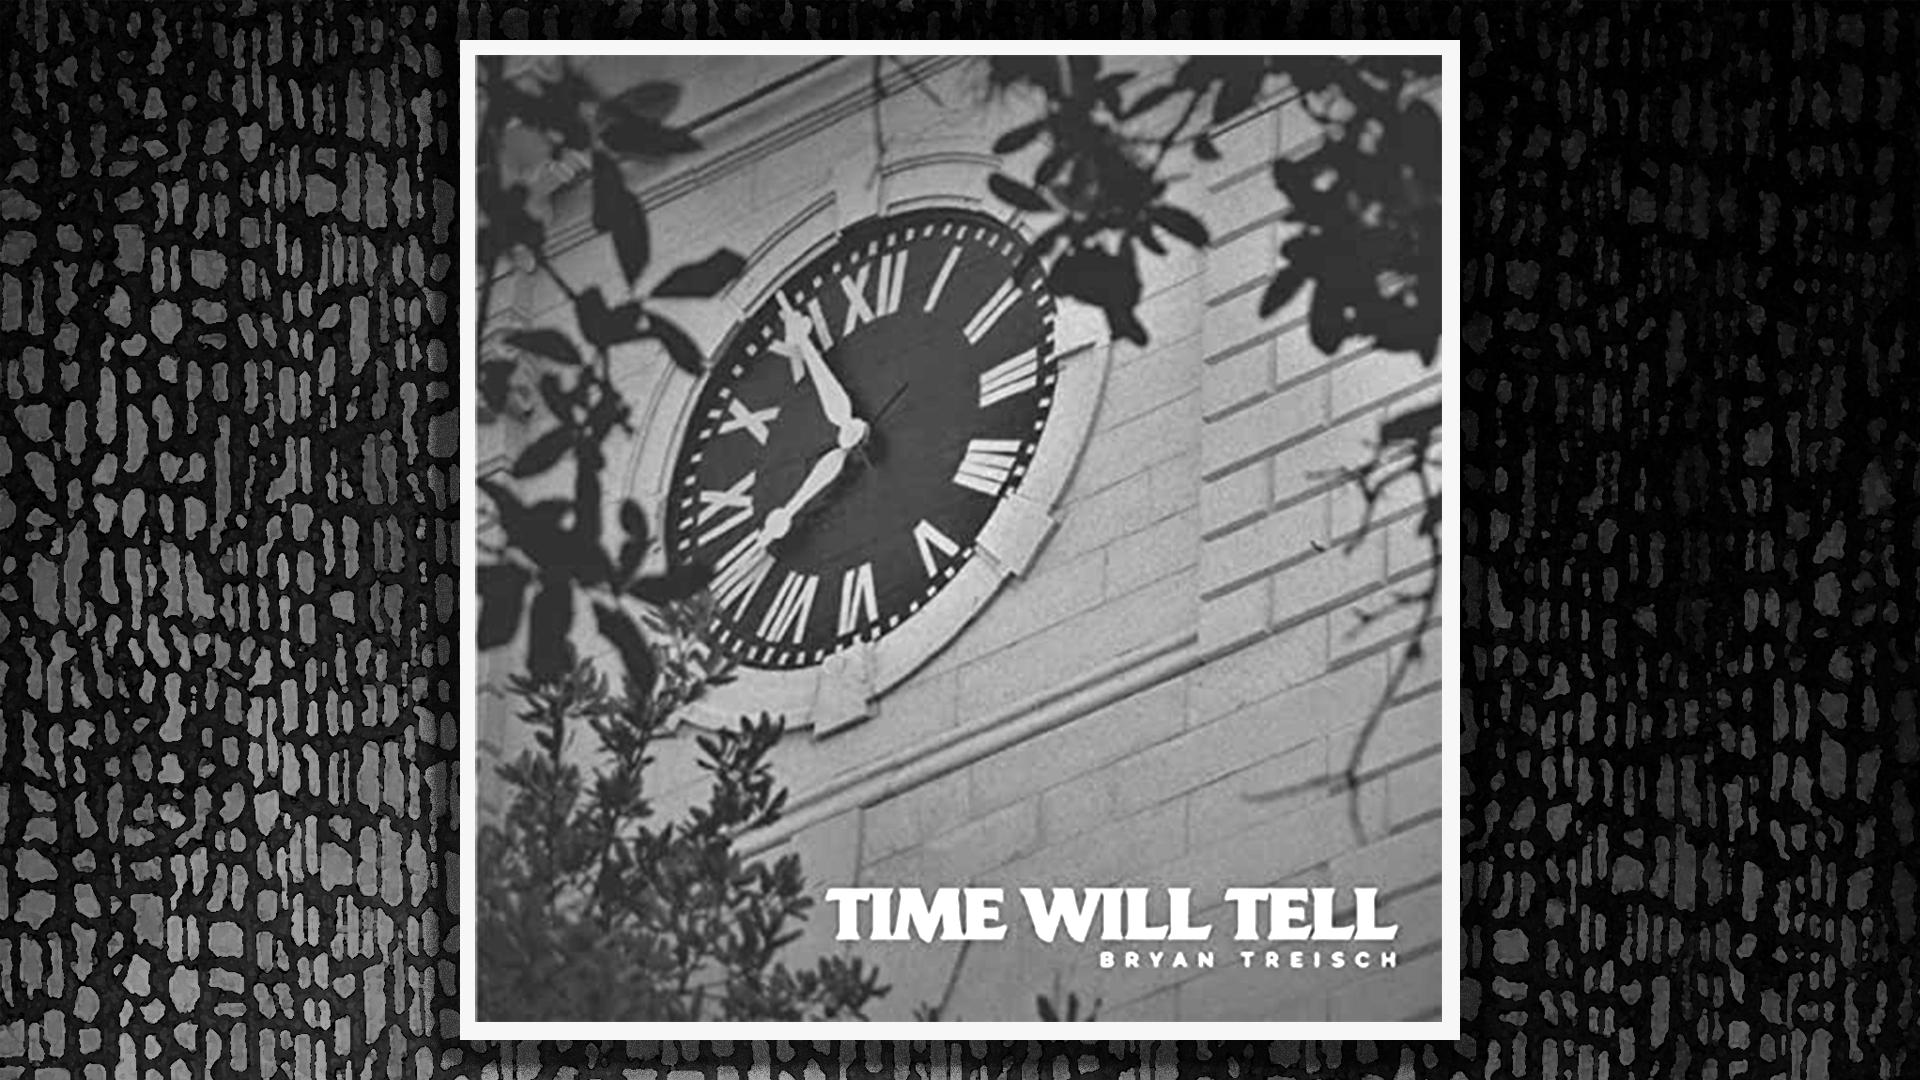 Time Will Tell, Bryan Treisch